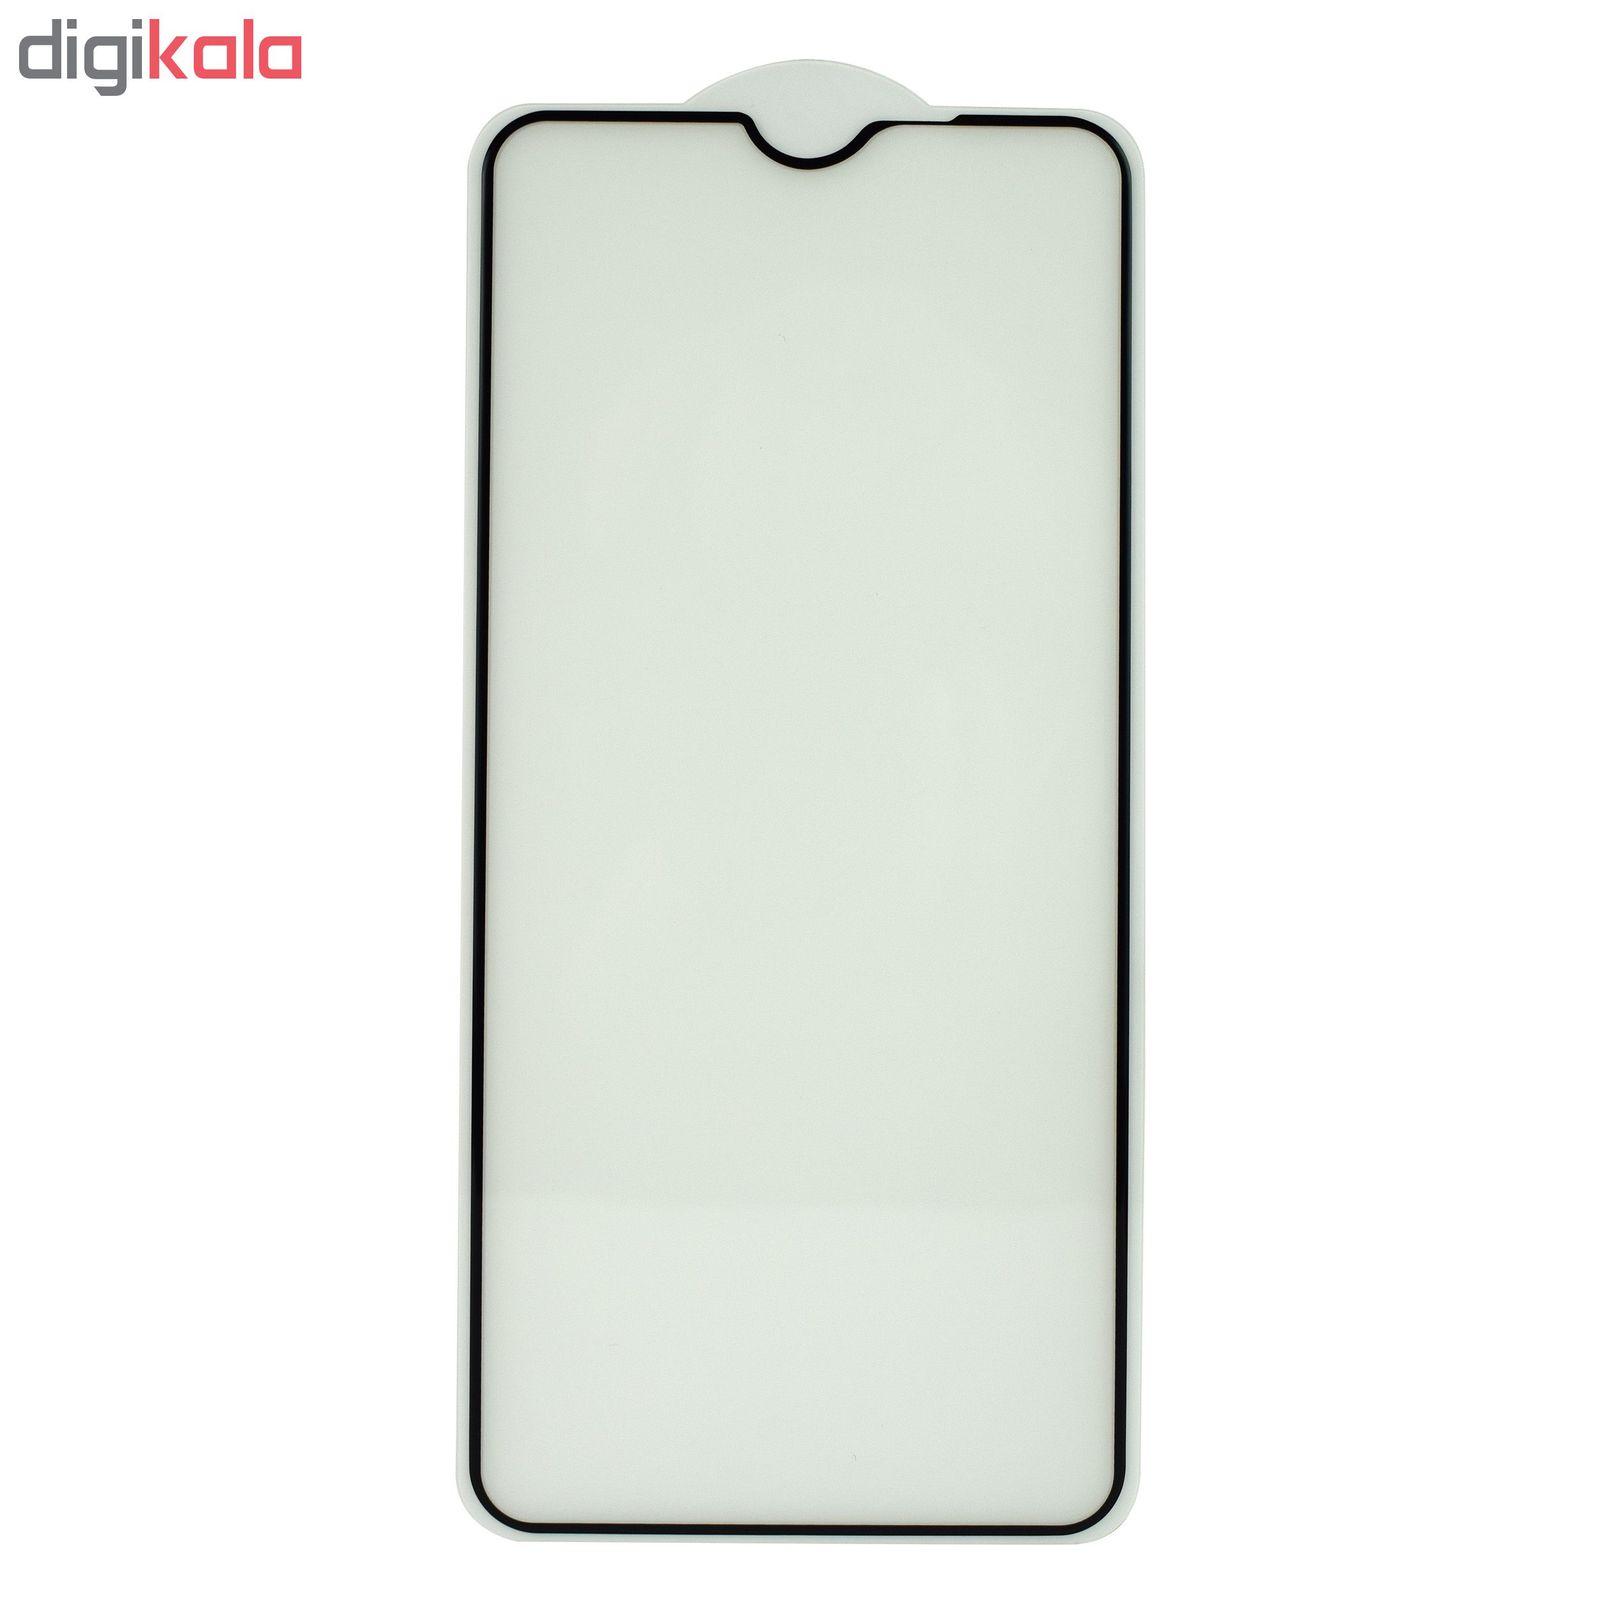 محافظ صفحه نمایش مدل CF3 مناسب برای گوشی موبایل شیائومی Redmi Note8 Pro main 1 1